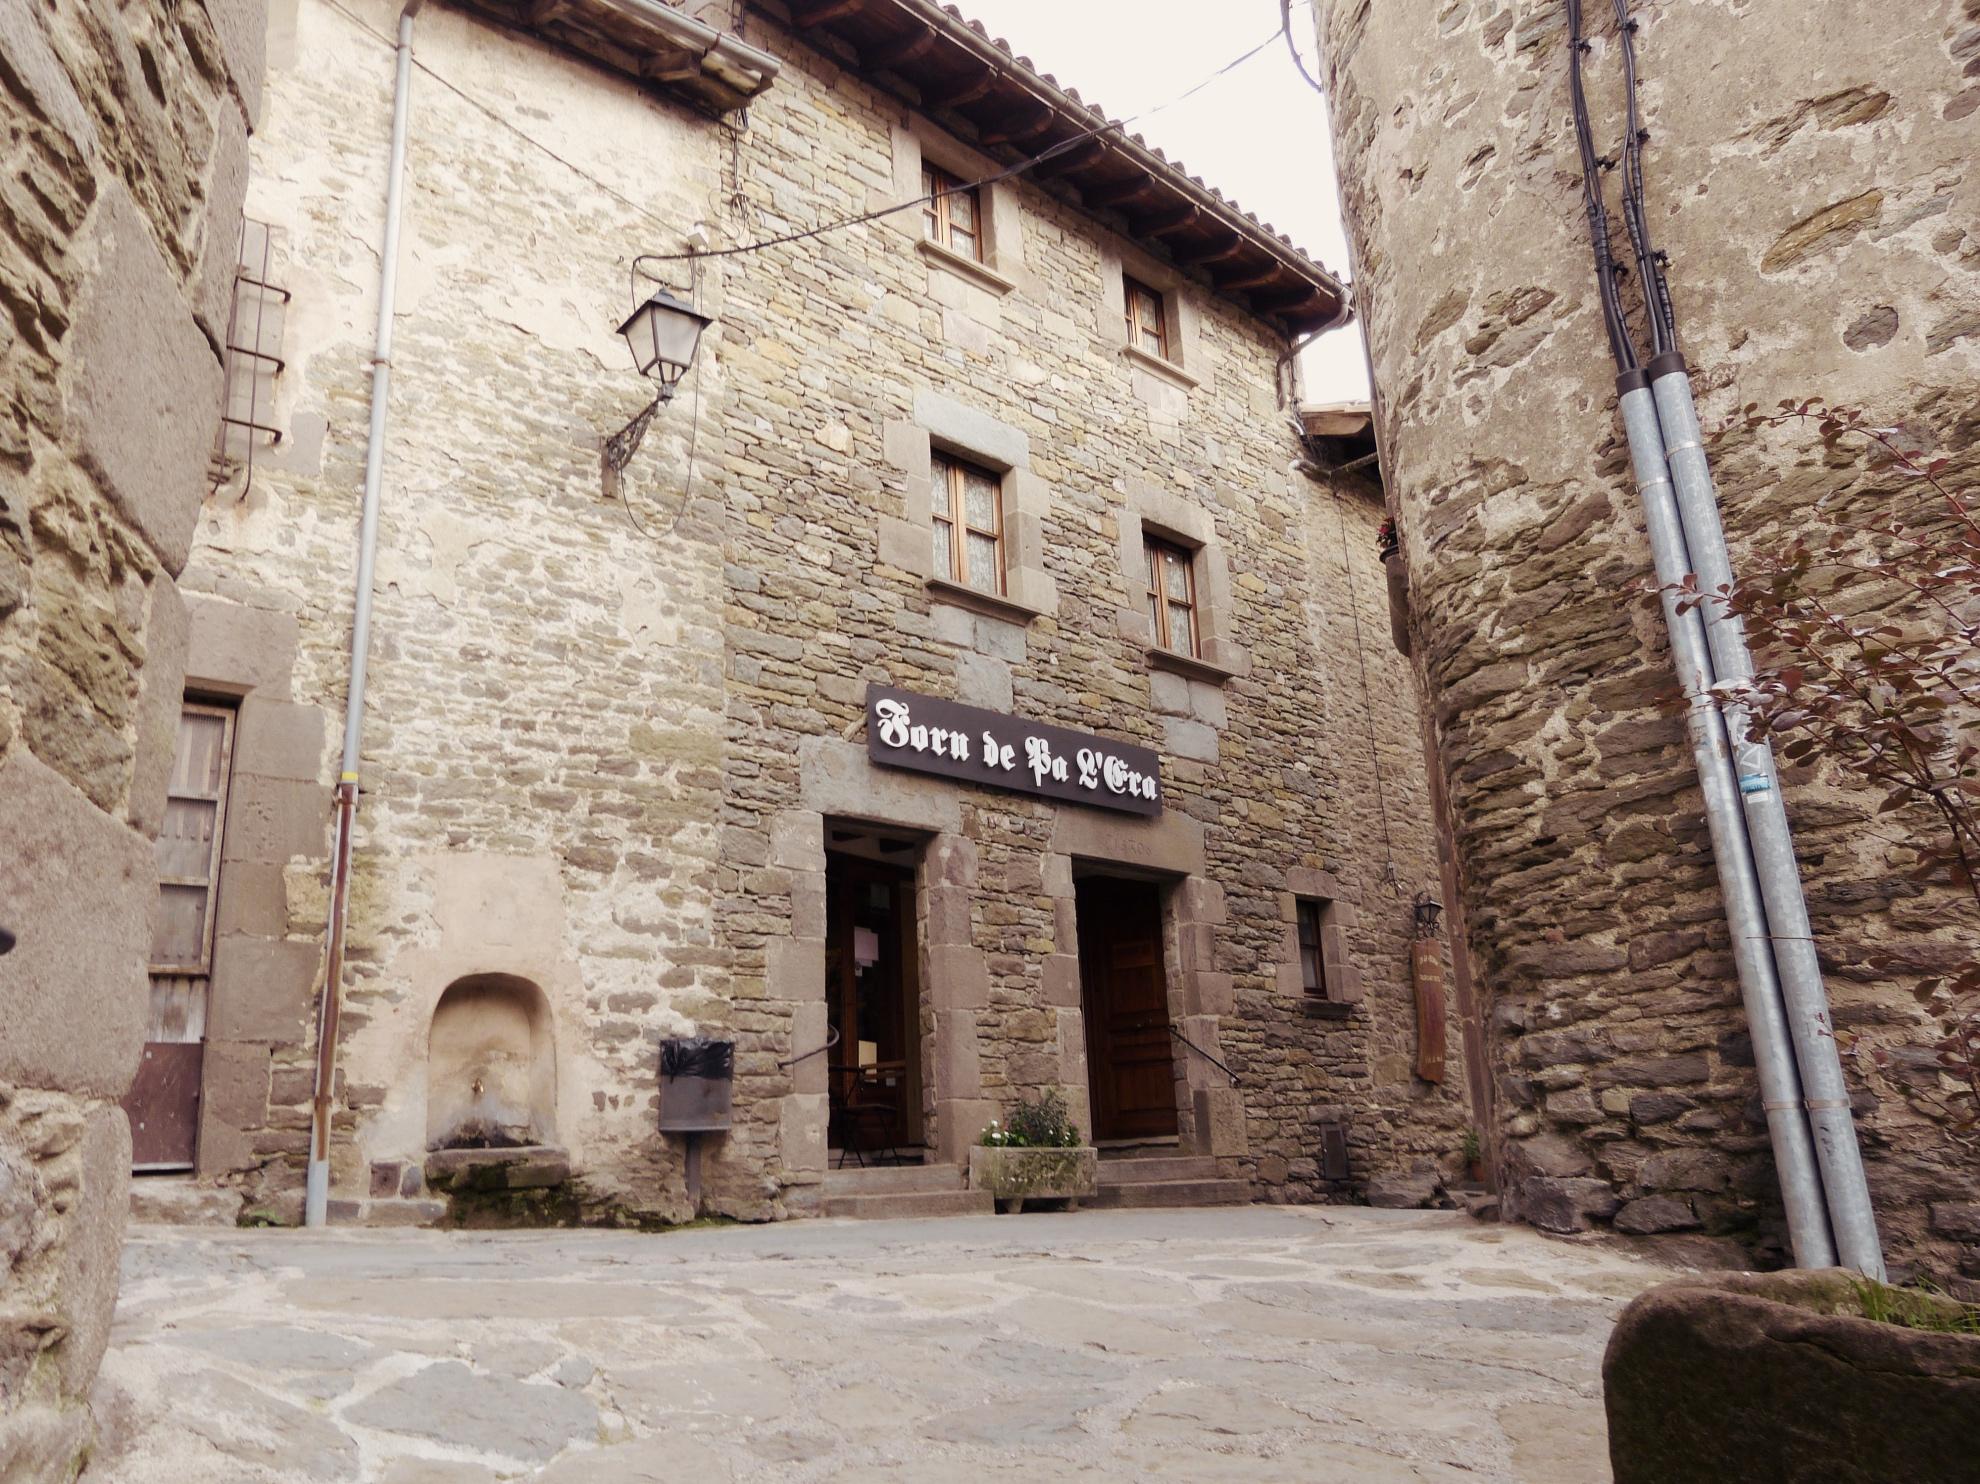 Historische Gassen mit kleinen  Cafes